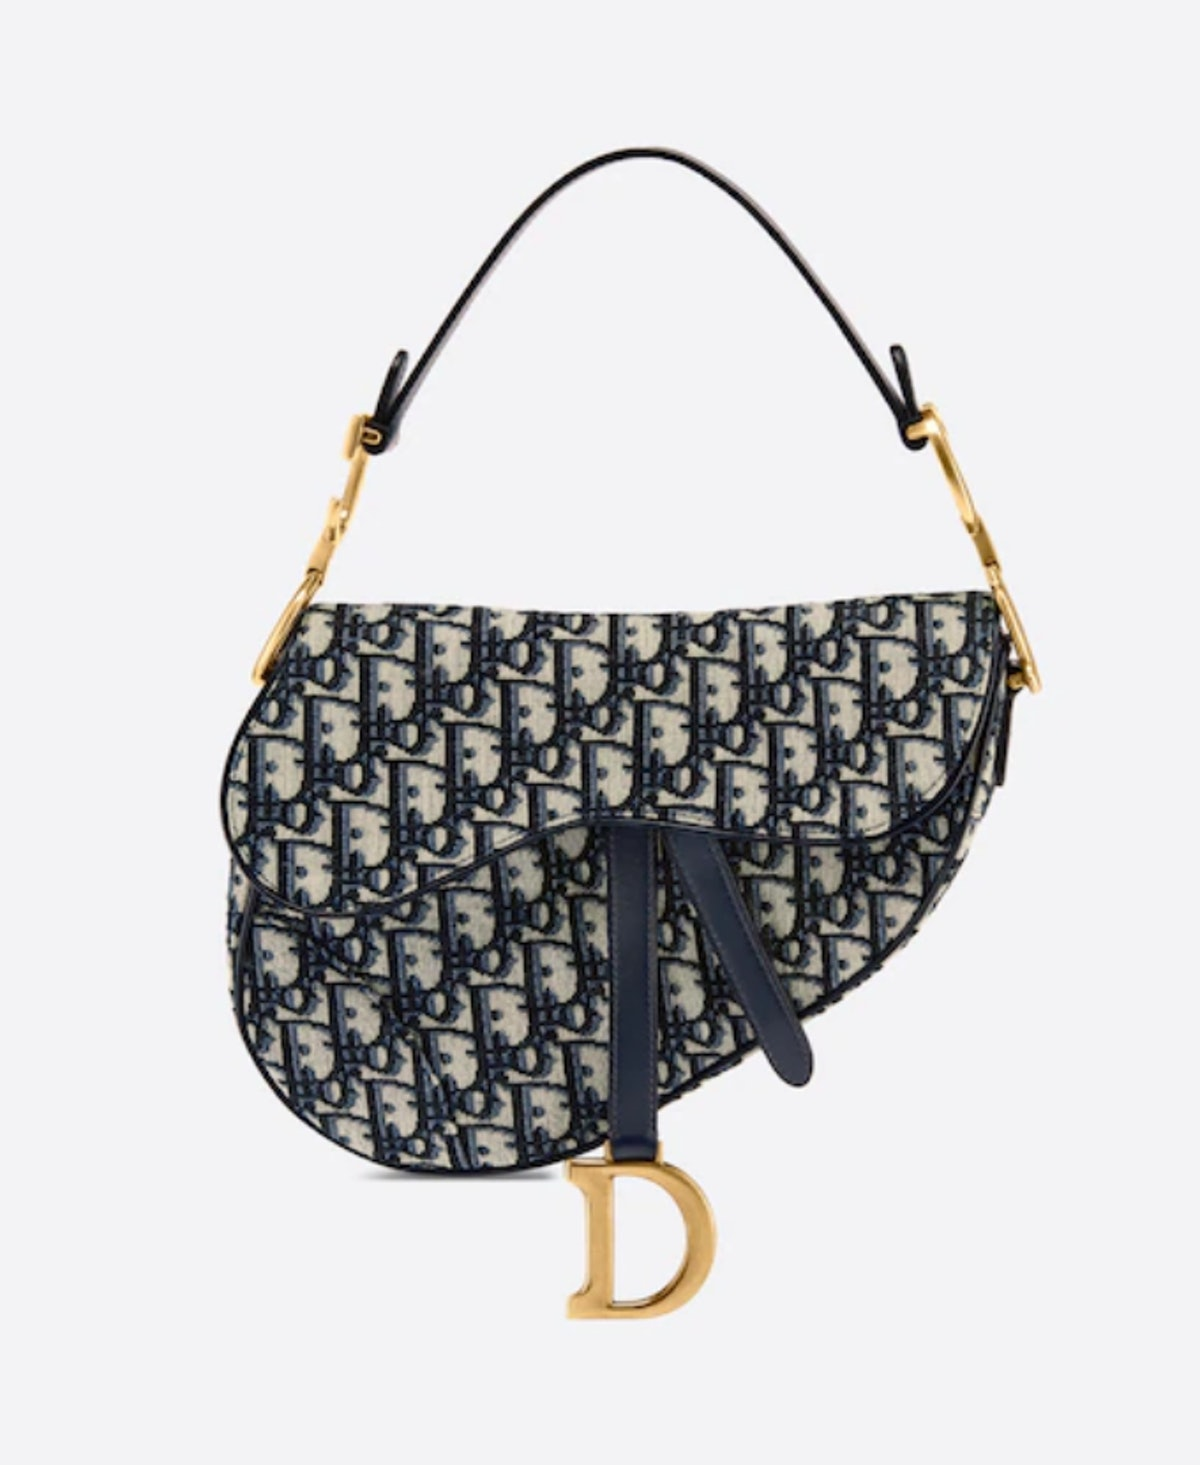 Dior's Saddle Bag in blue oblique jacquard.